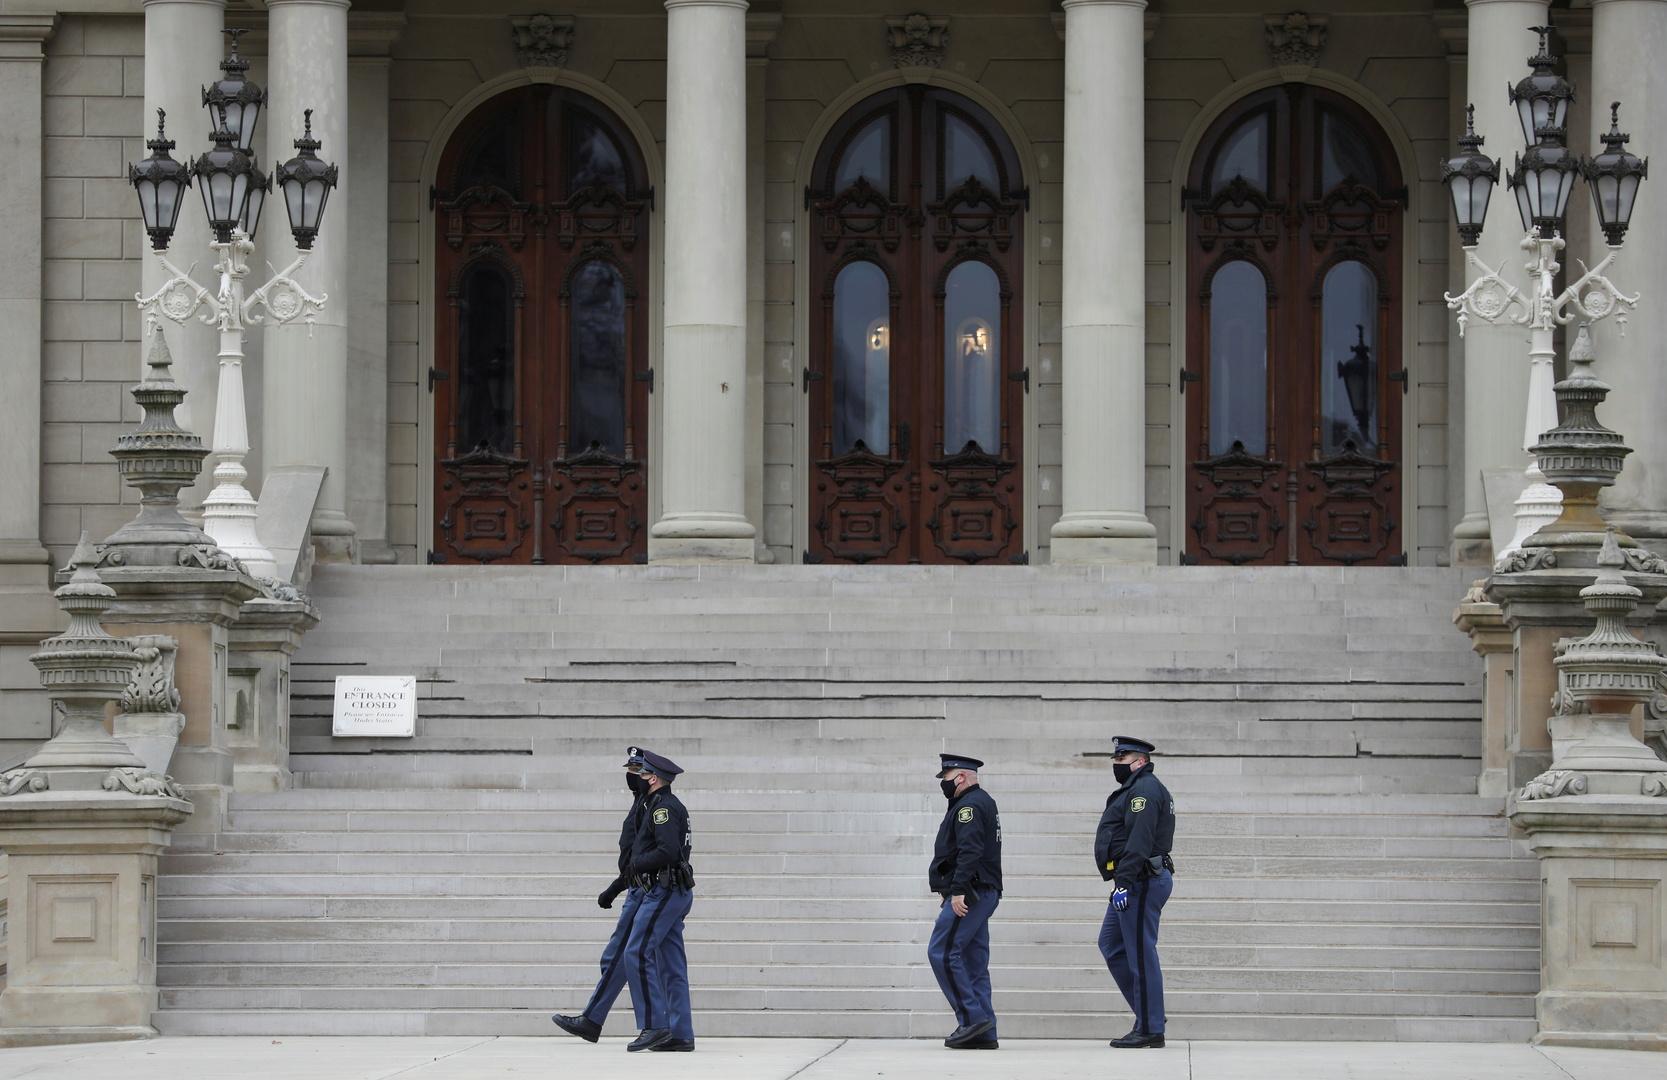 الشرطة الأمريكية تغلق مؤقتا مبنى كابيتول ميشيغان بسبب بلاغ عن تهديد وقوع انفجار